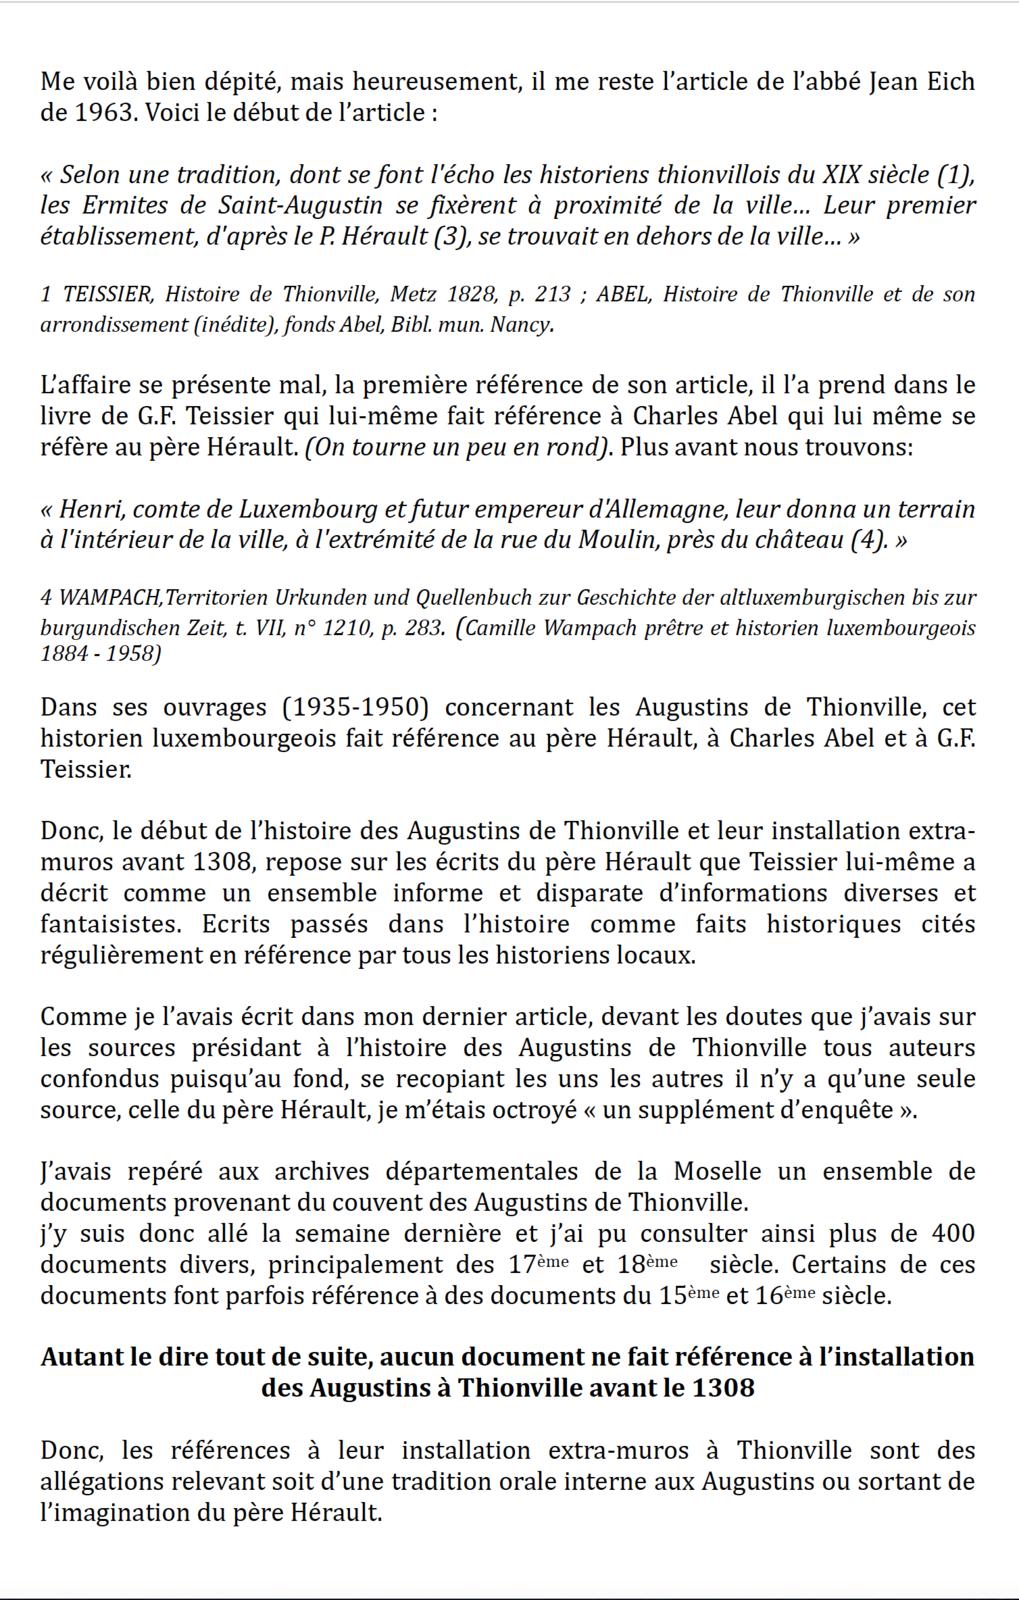 Les Augustins à Thionville avant 1308 (1ère partie)